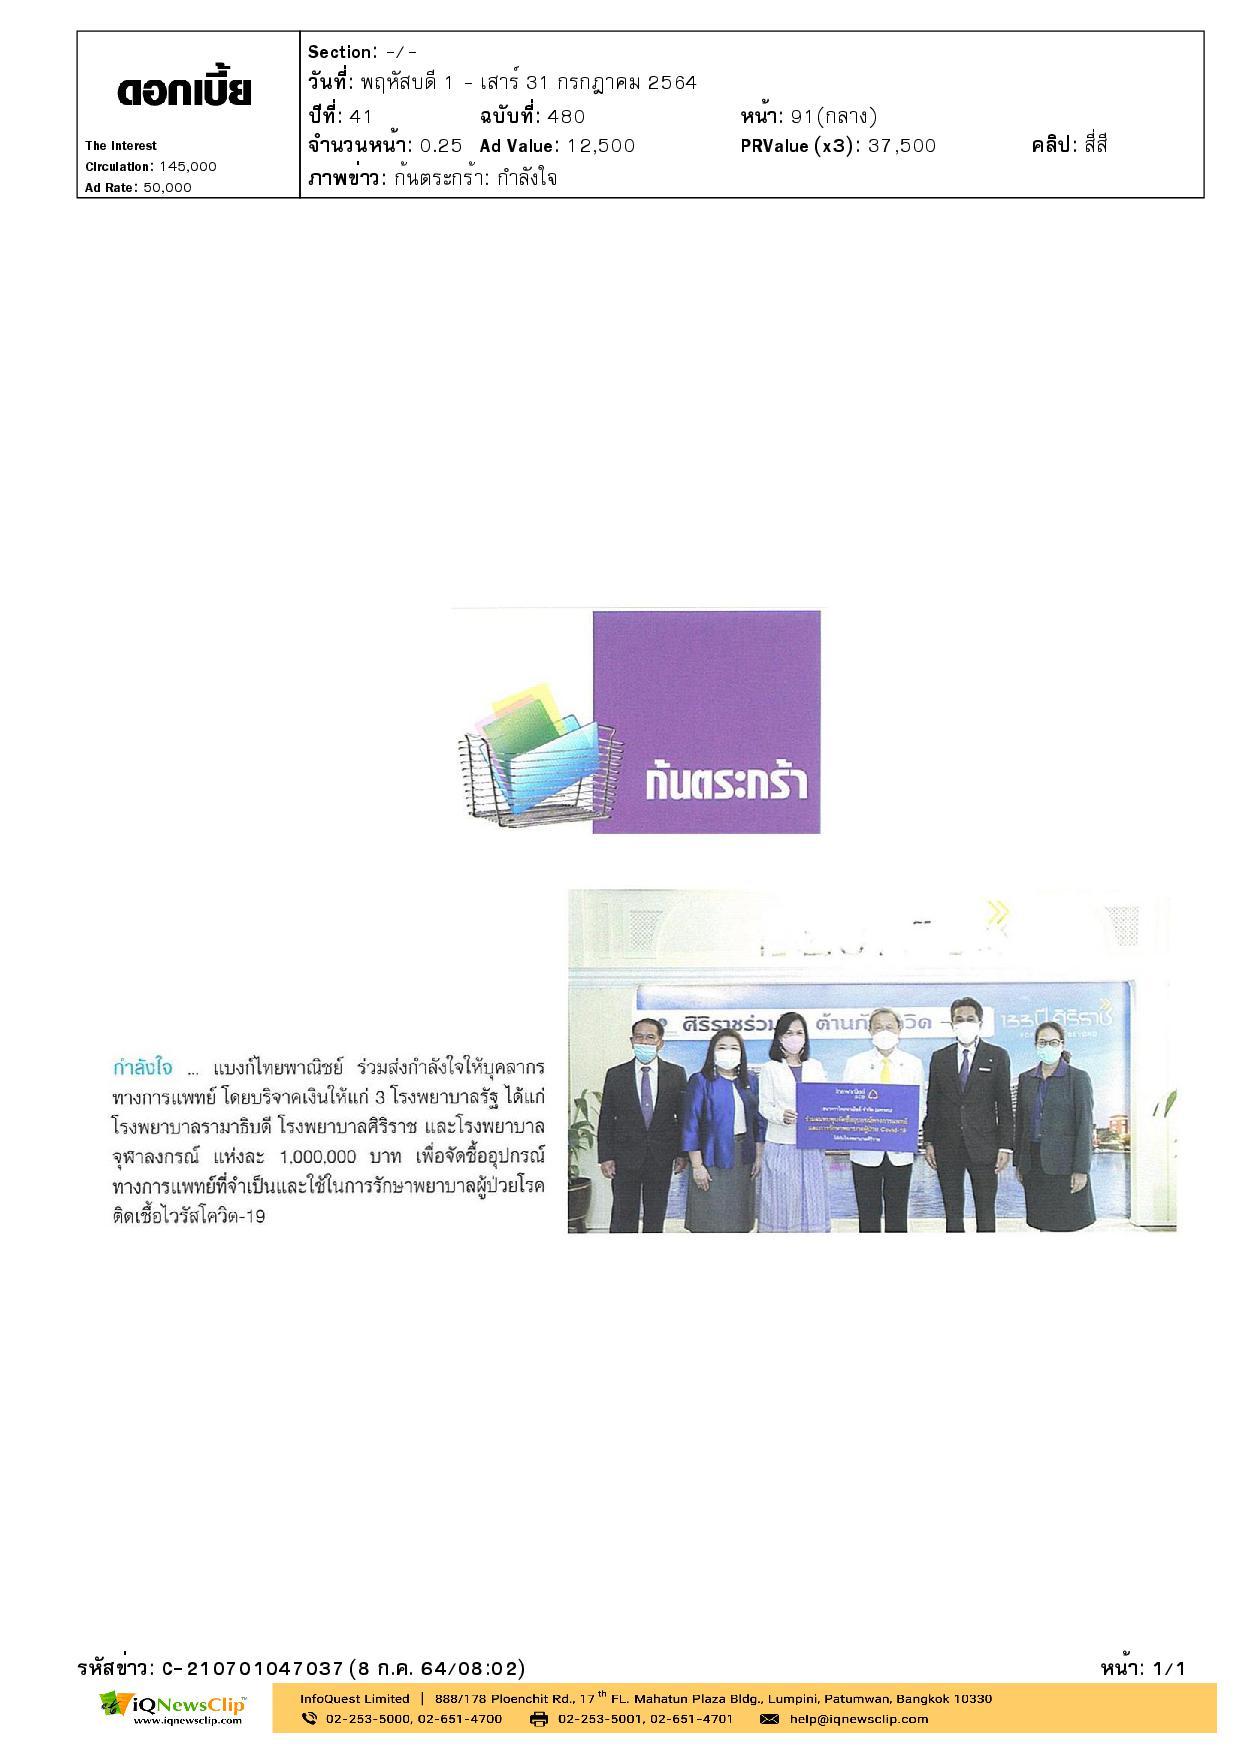 ธนาคารไทยพาณิชย์ บริจาคเงิน ให้ รพ.จุฬาฯ